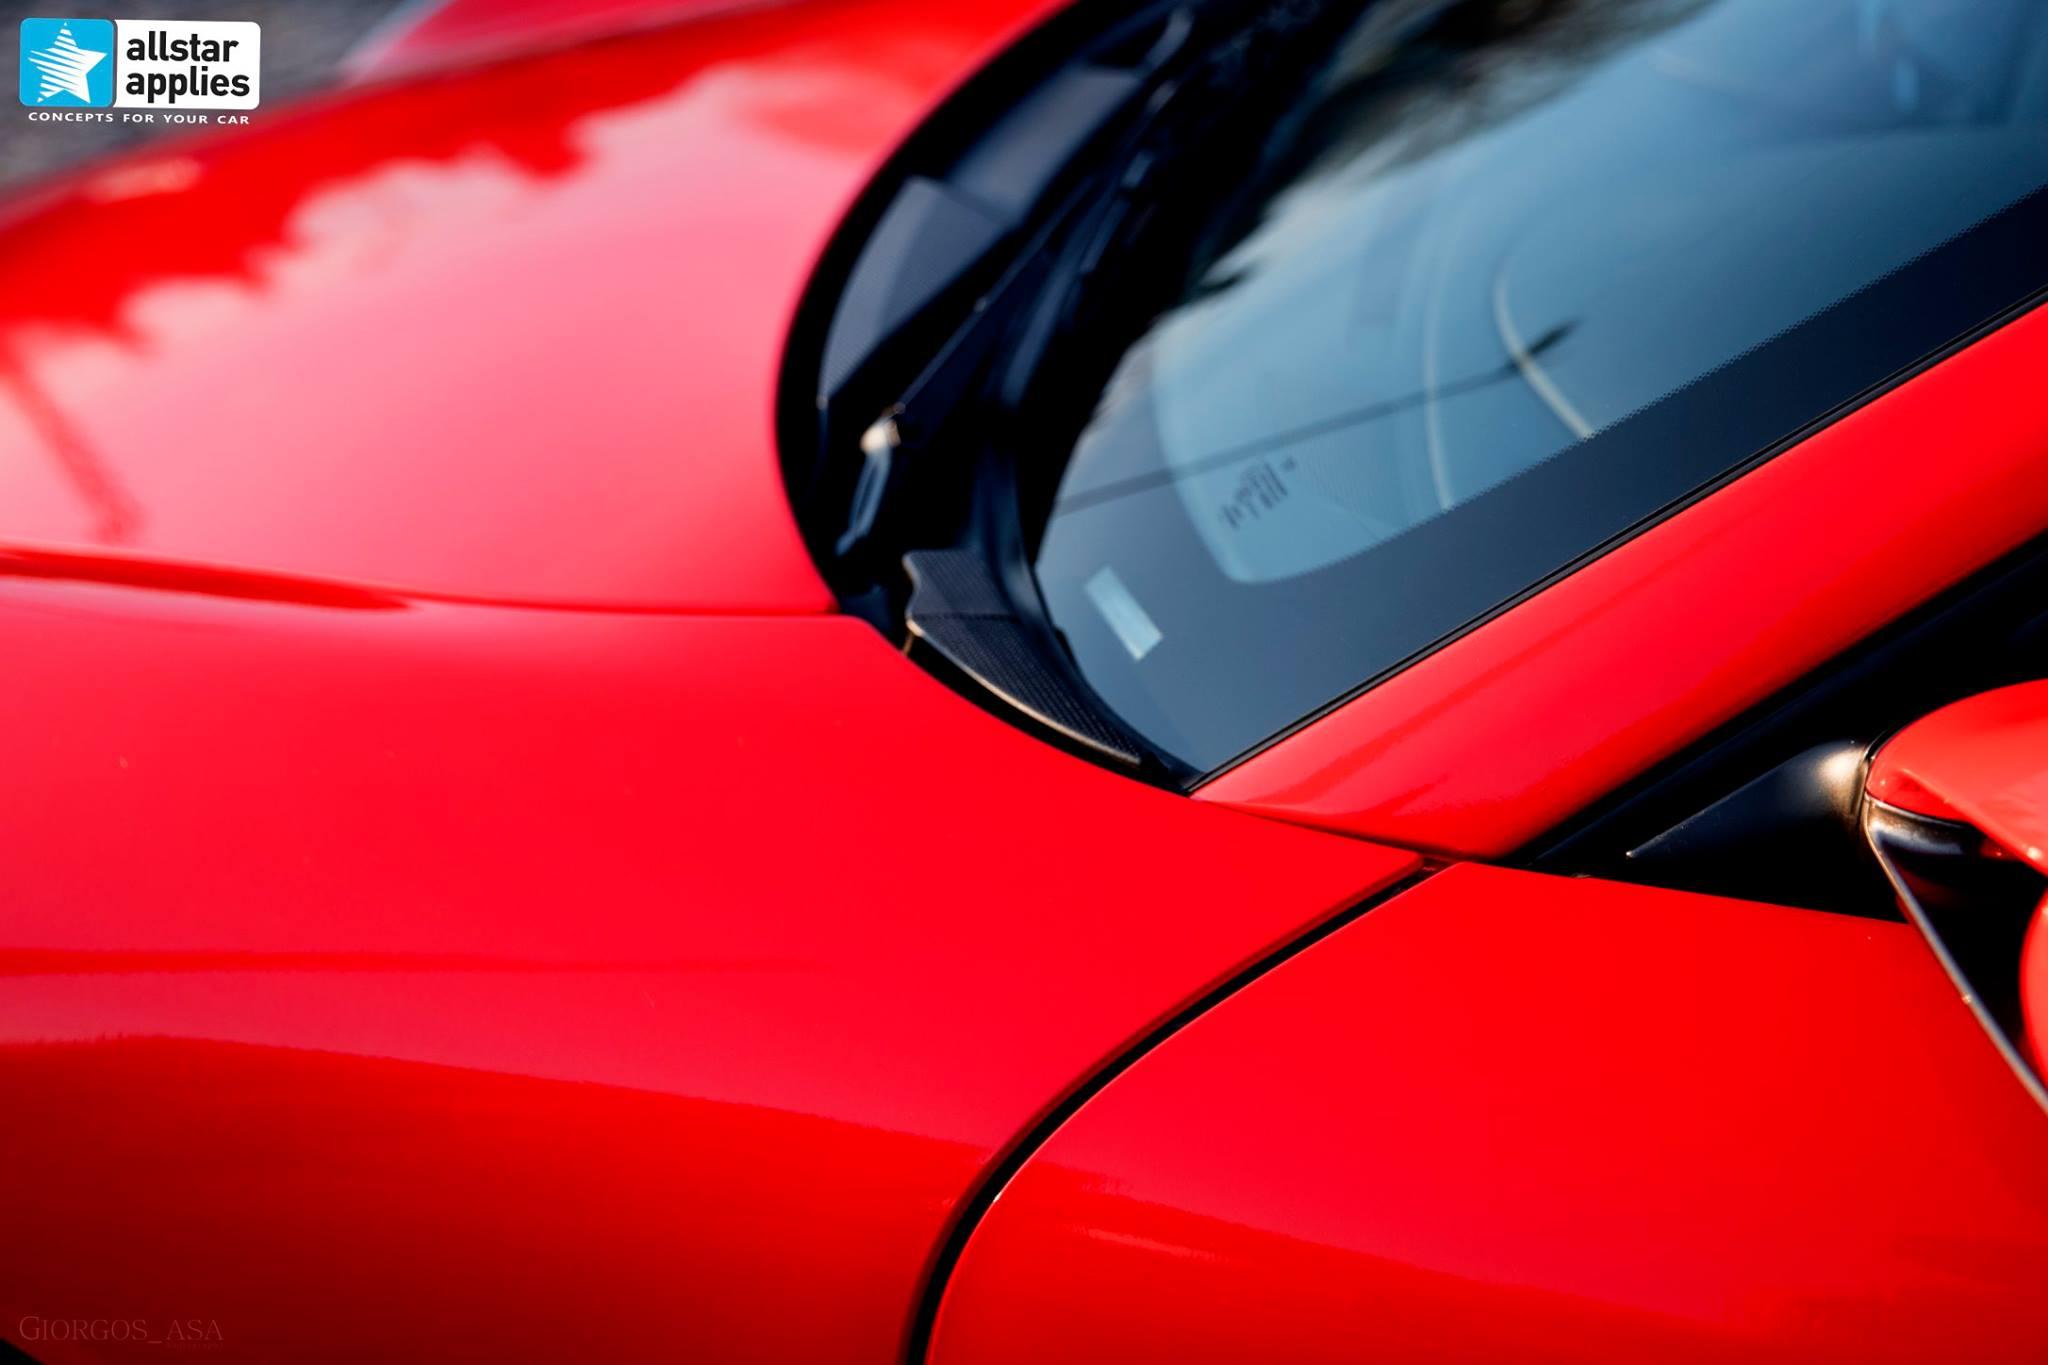 Porsche Carrera 4S - Redhot Gloss (12)